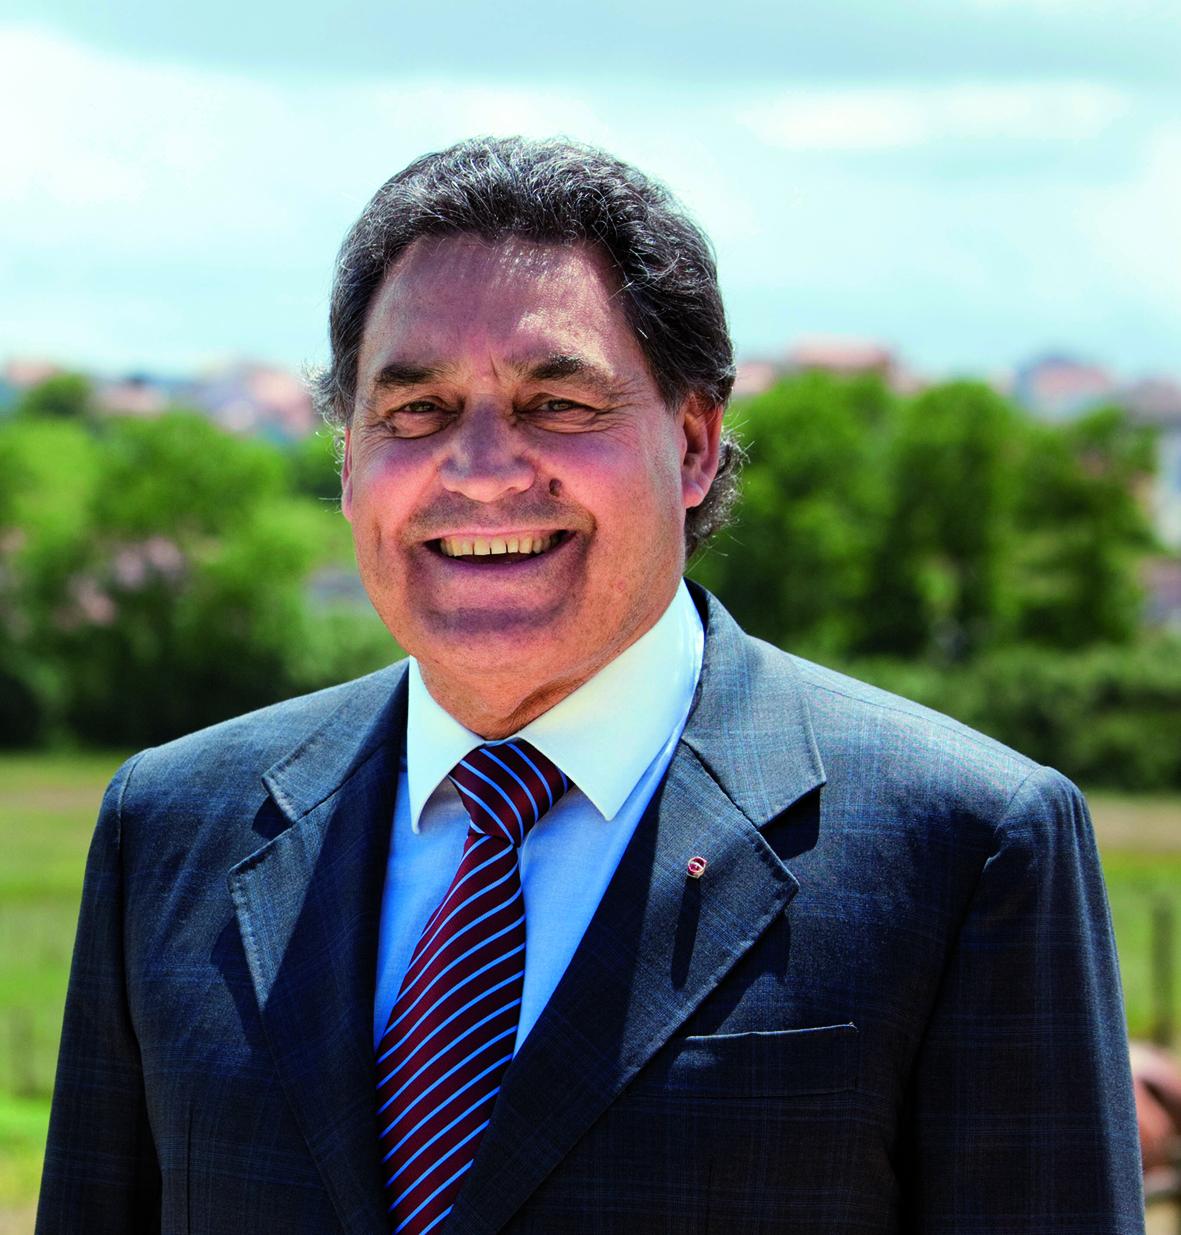 Álvaro dos Santos Silva